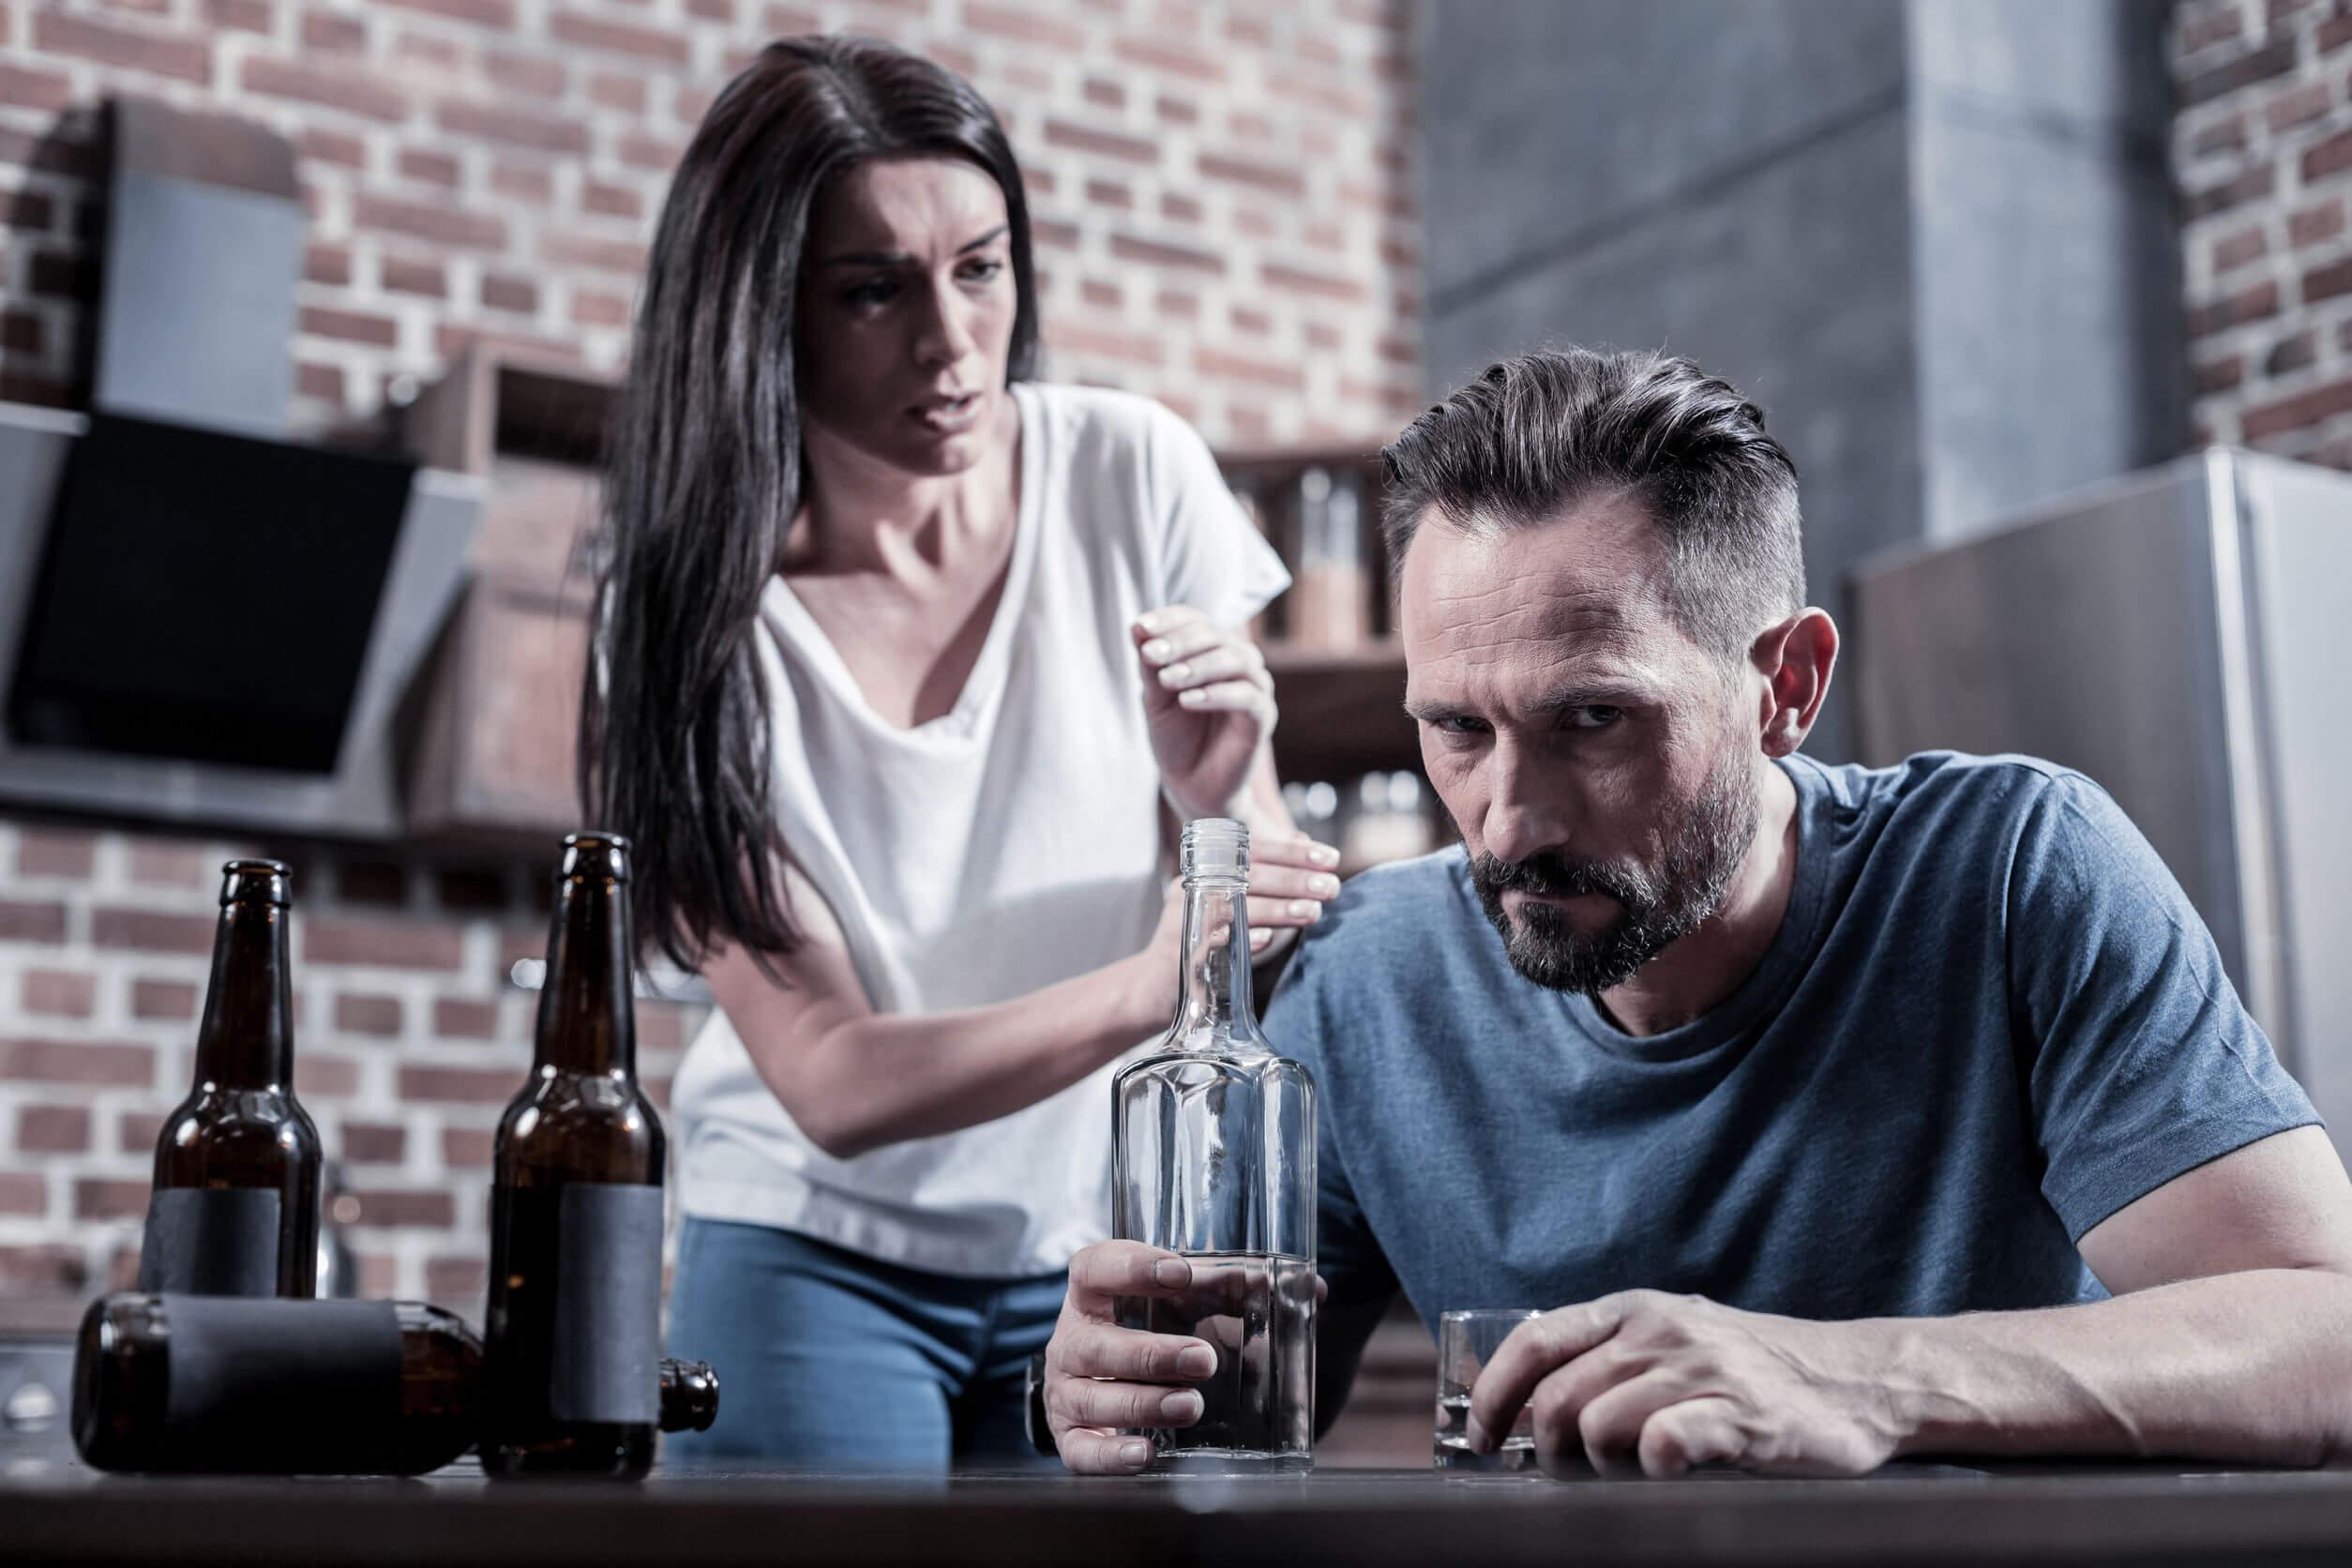 Os efeitos do álcool no cérebro podem levar a problemas de convivência.